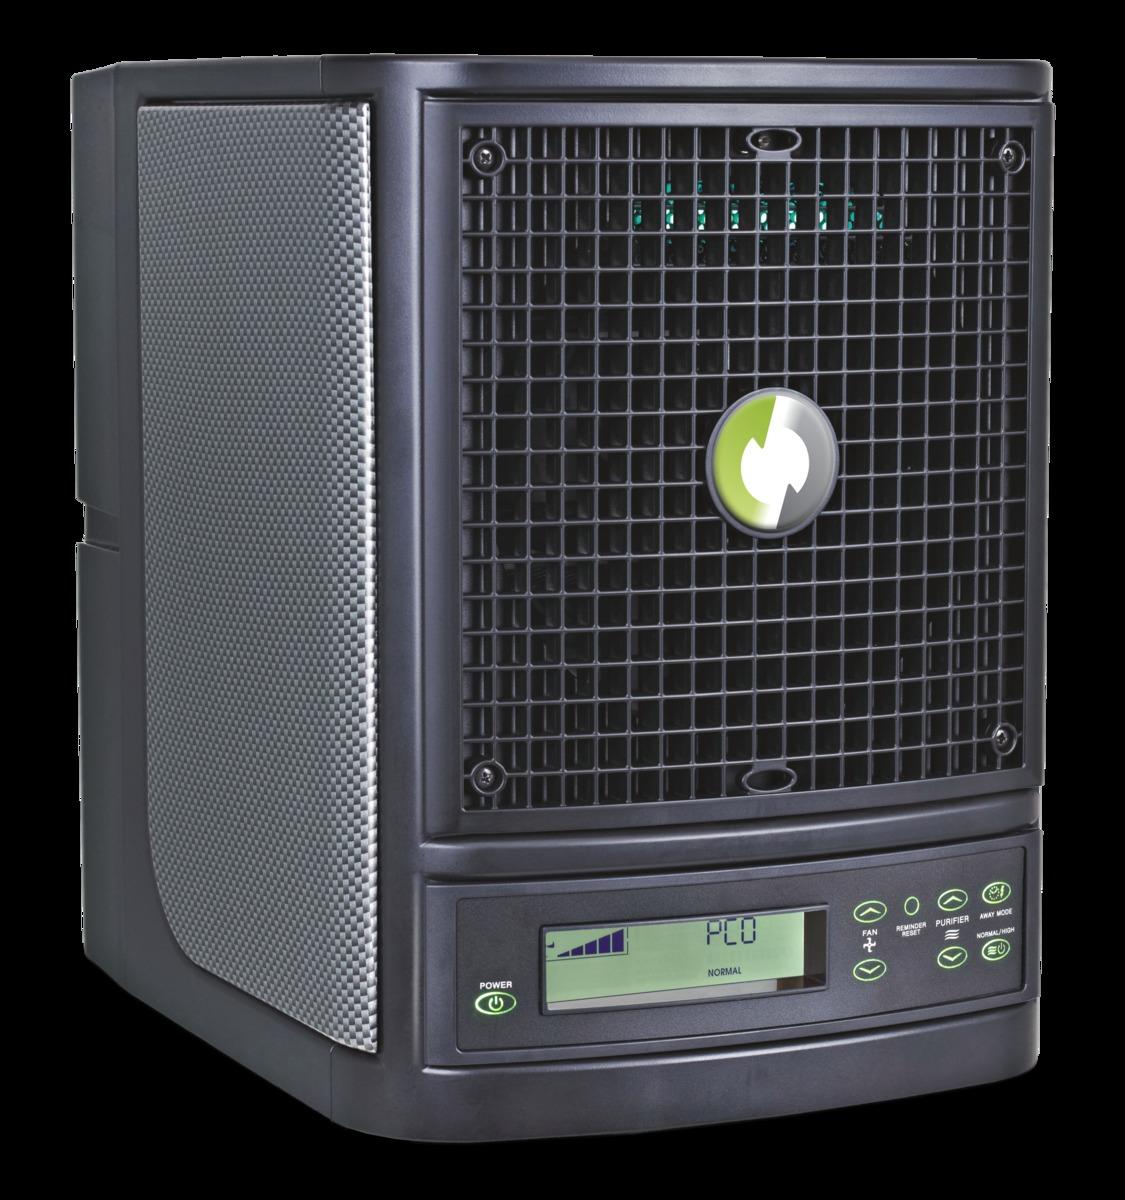 空気浄化装置 AP3001 臭い対策 空気清浄機 インフルエンザ対策 ノロ対策 食品管理 空気浄化装置 食中毒対策 エチレン対策 空気清浄機 臭い対策 と違う空気浄化, 子供のズボン屋:3c94485e --- officewill.xsrv.jp